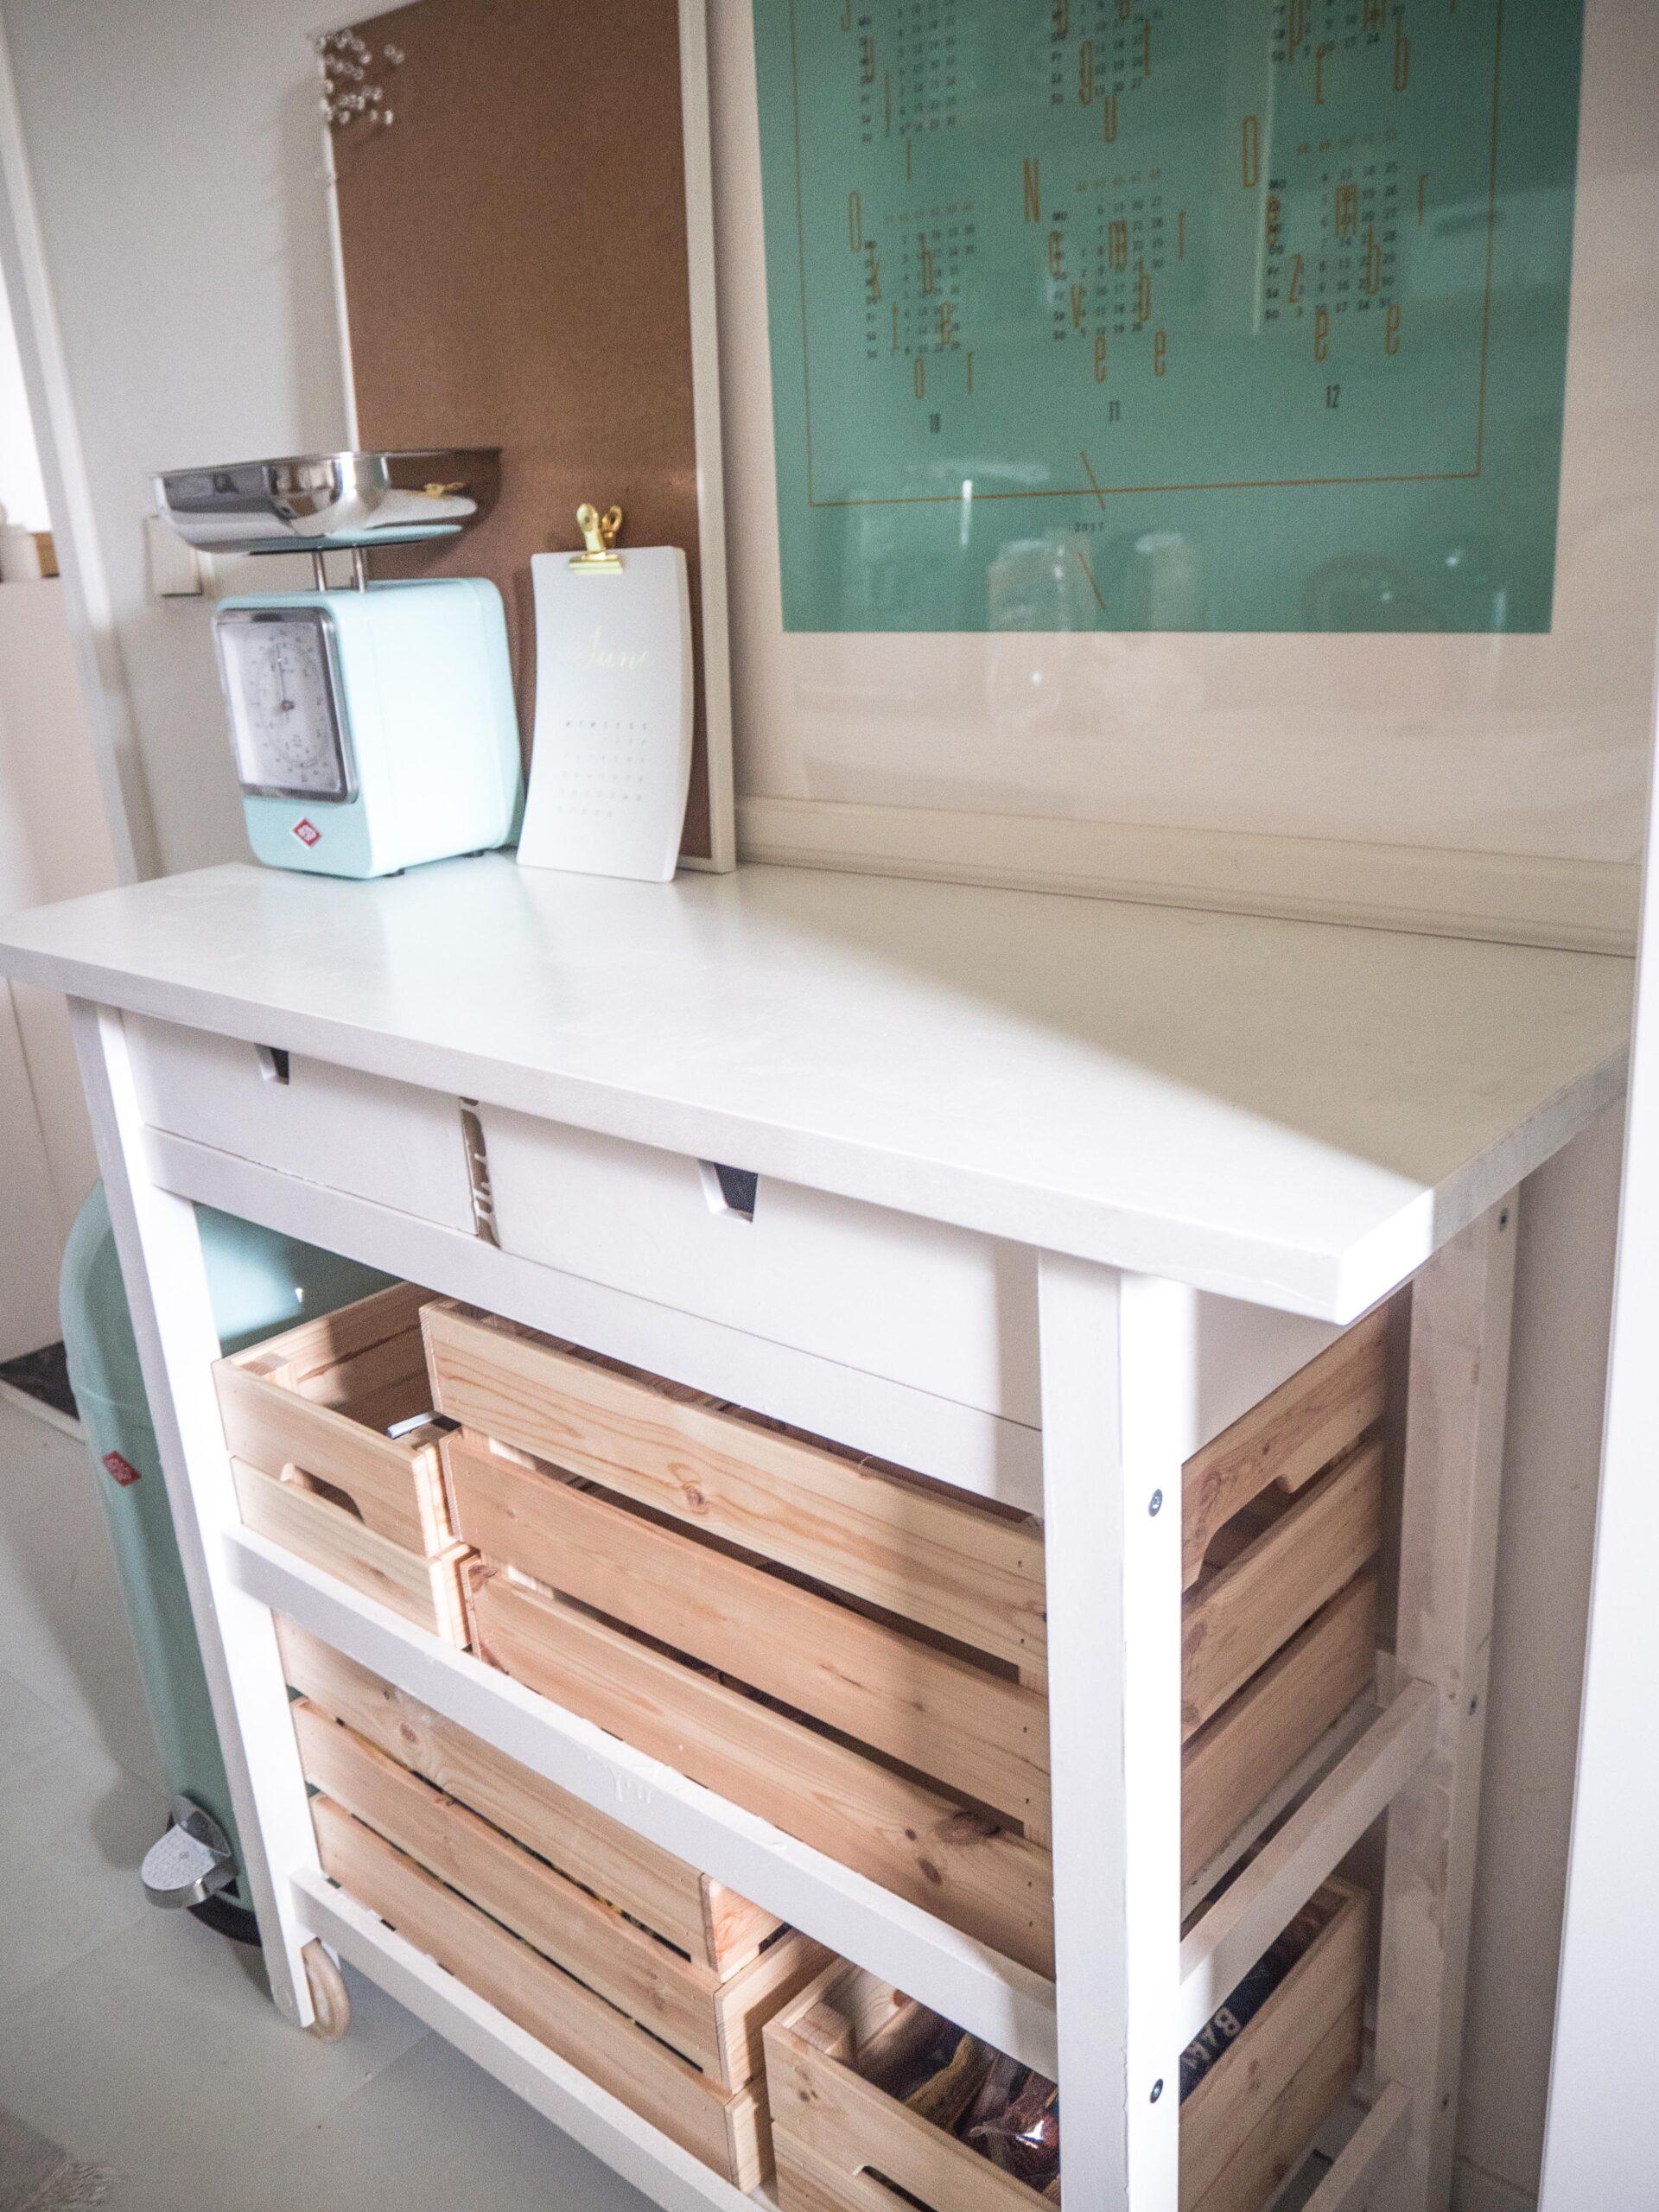 Full Size of Ikea Küche Regal Sideboard In Der Kche Nummer Fnfzehn Regale Kinderzimmer Hochglanz Grau Led Panel Vorratsdosen Landhausküche Hängeschrank Glastüren Weiß Wohnzimmer Ikea Küche Regal